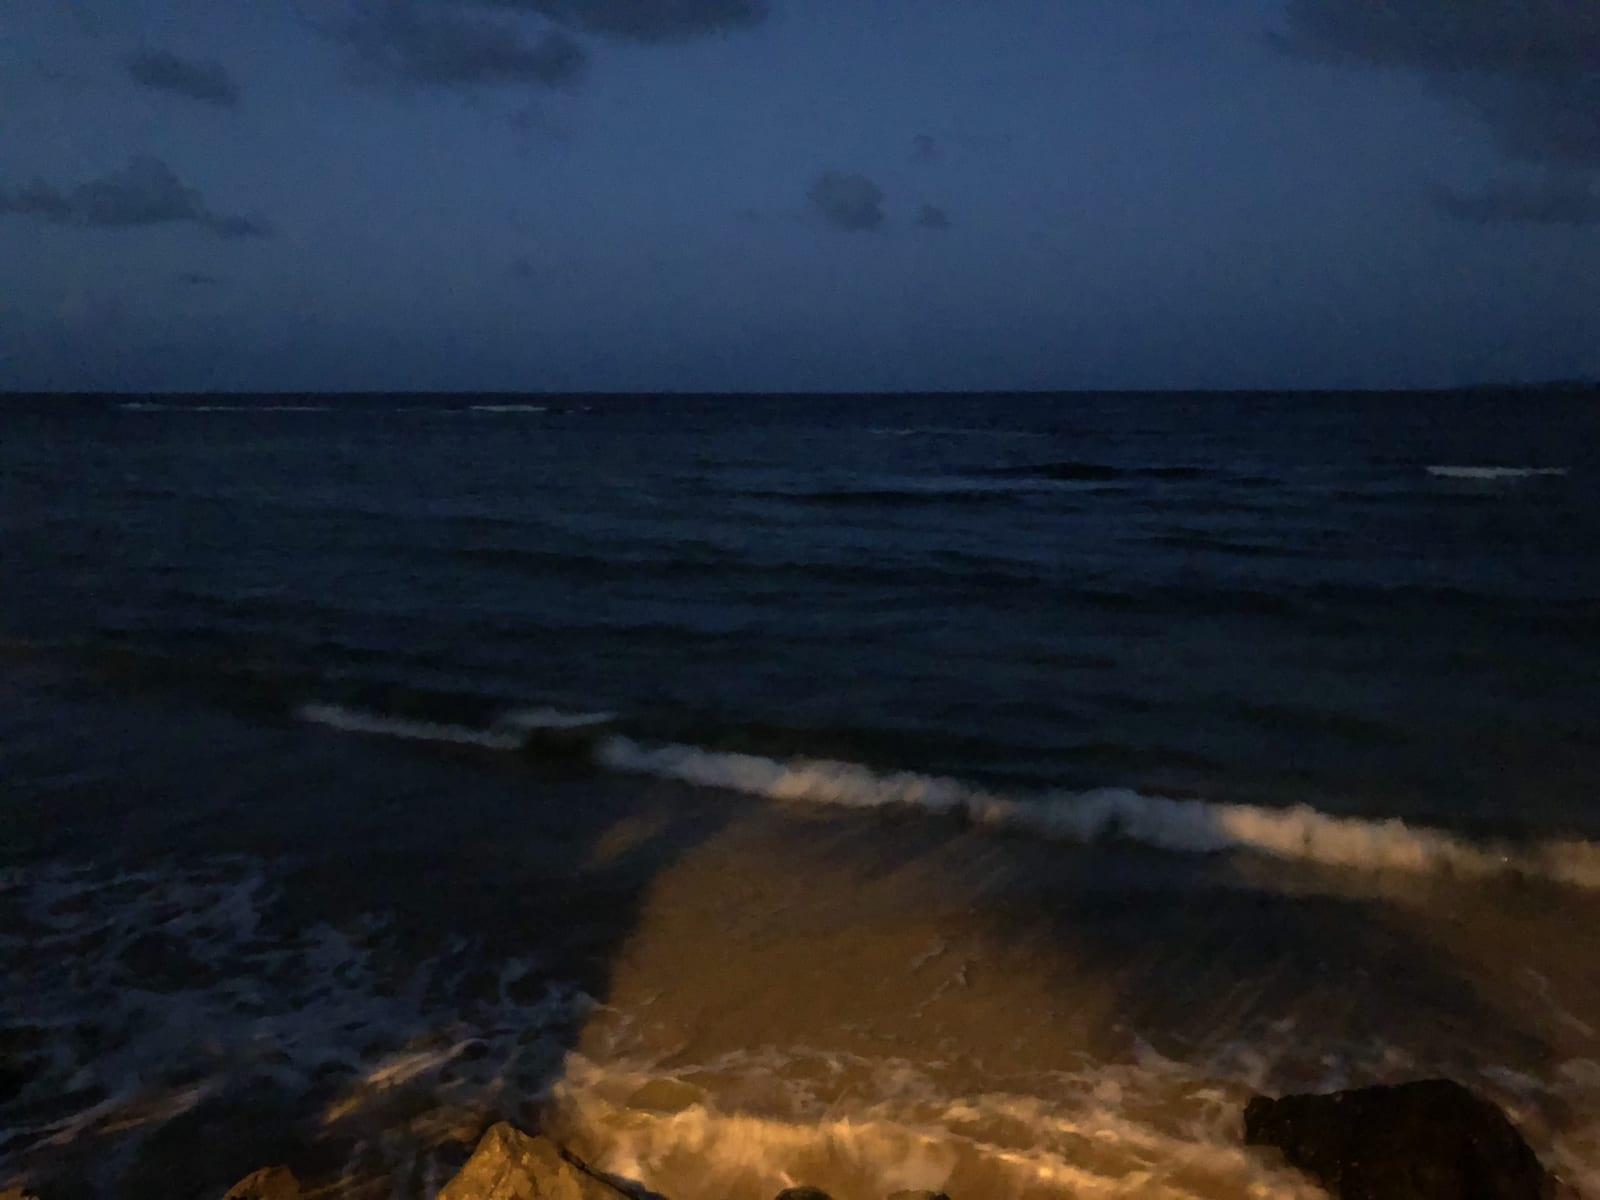 Dusk/Daybreak